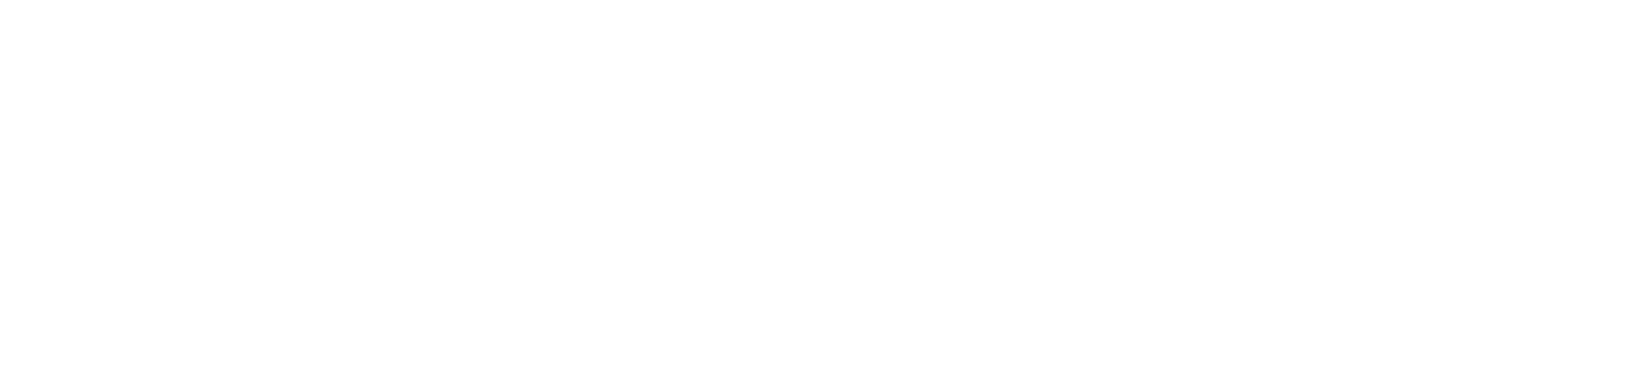 Marketo Agency Partner